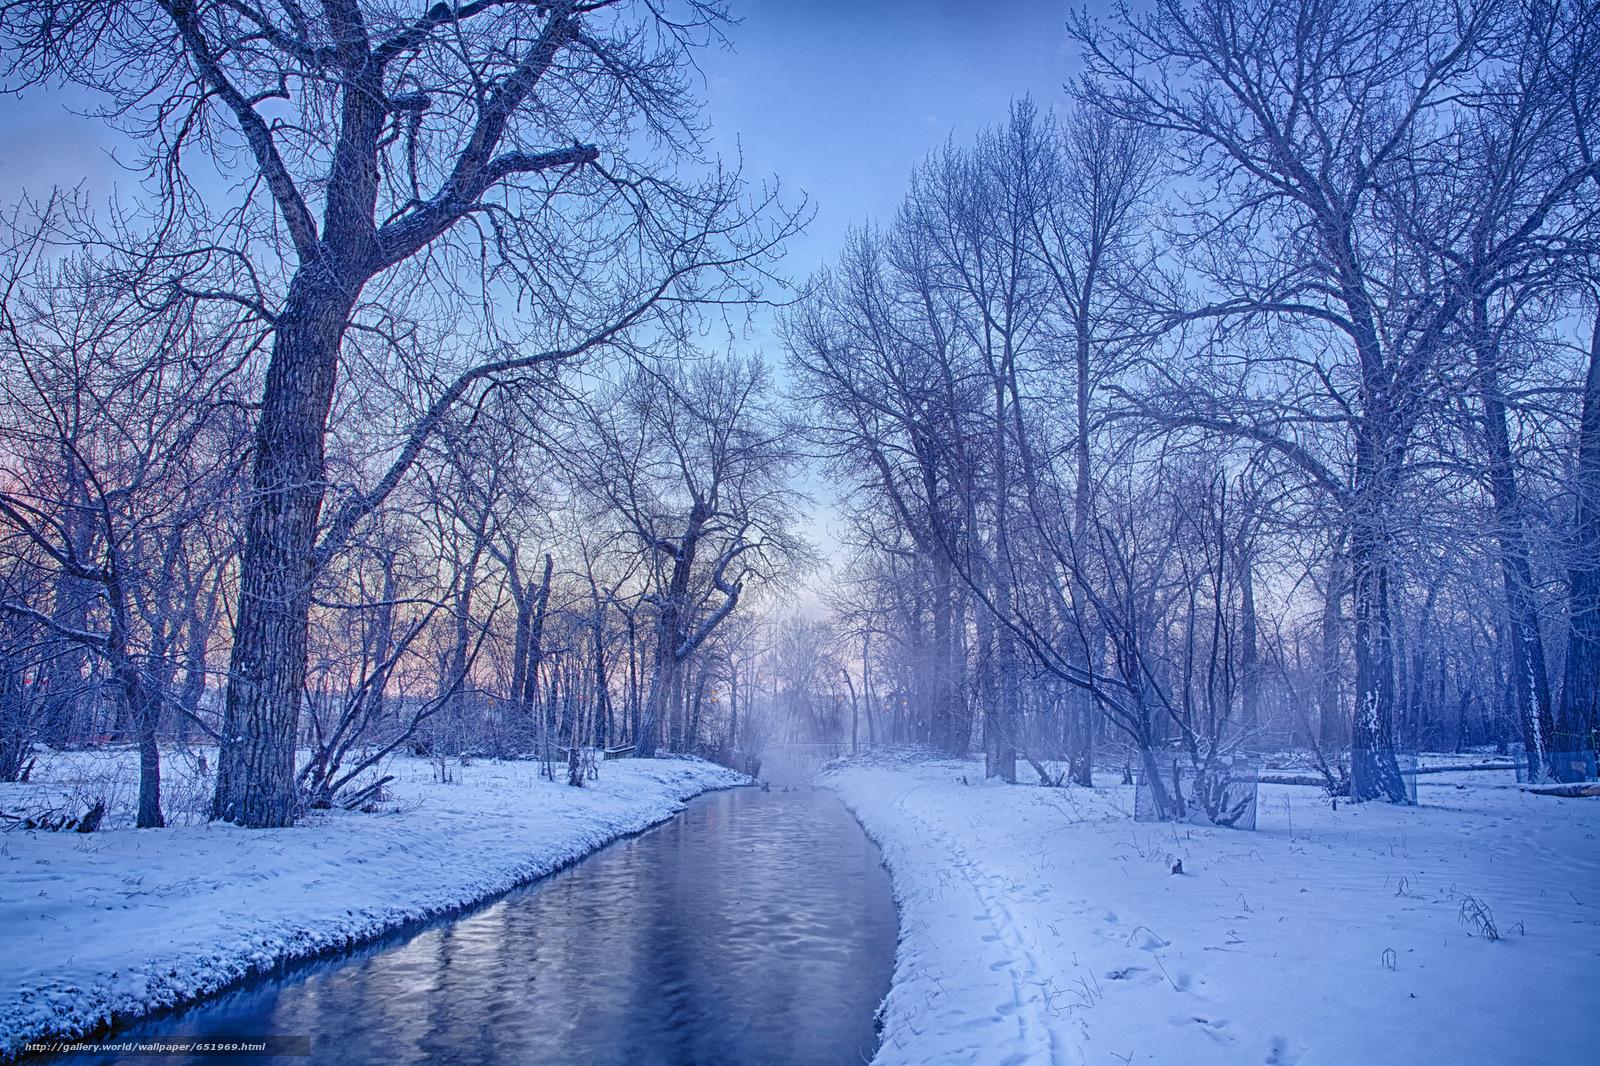 Скачать обои зима,  река,  деревья,  пейзаж бесплатно для рабочего стола в разрешении 2048x1365 — картинка №651969